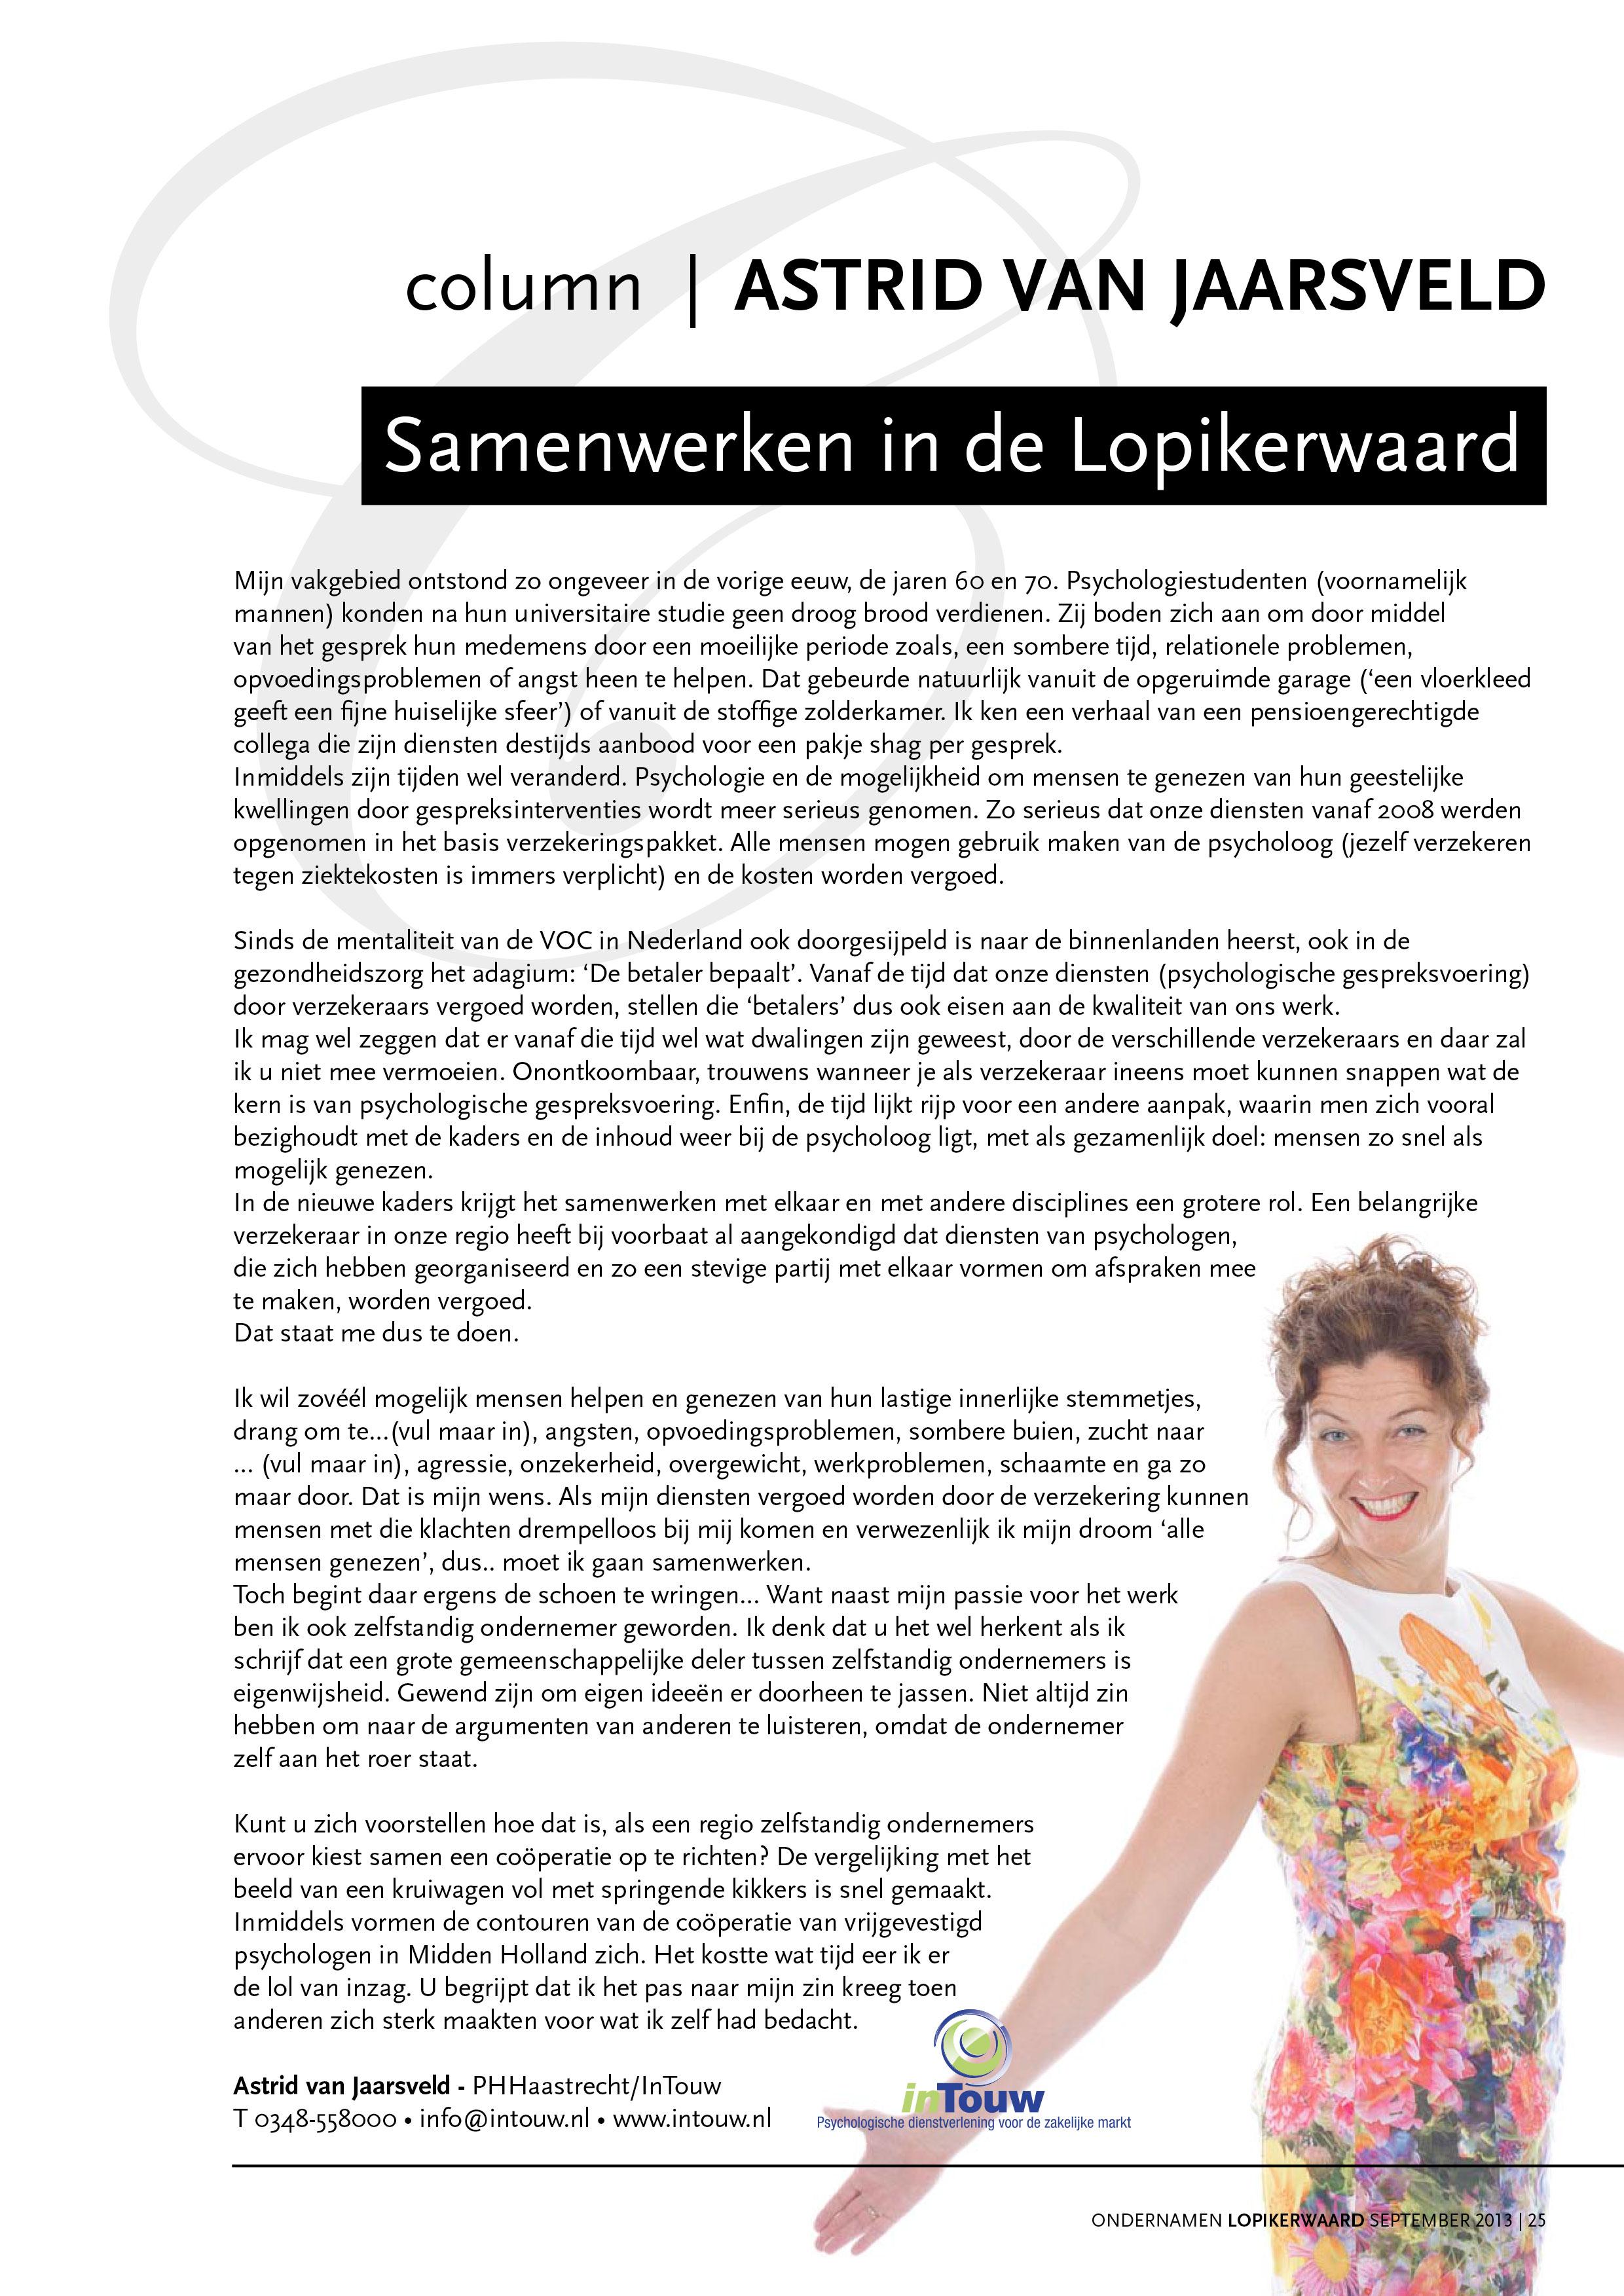 Column Astrid van Jaarsveld Samenwerken in de Lopikerwaard